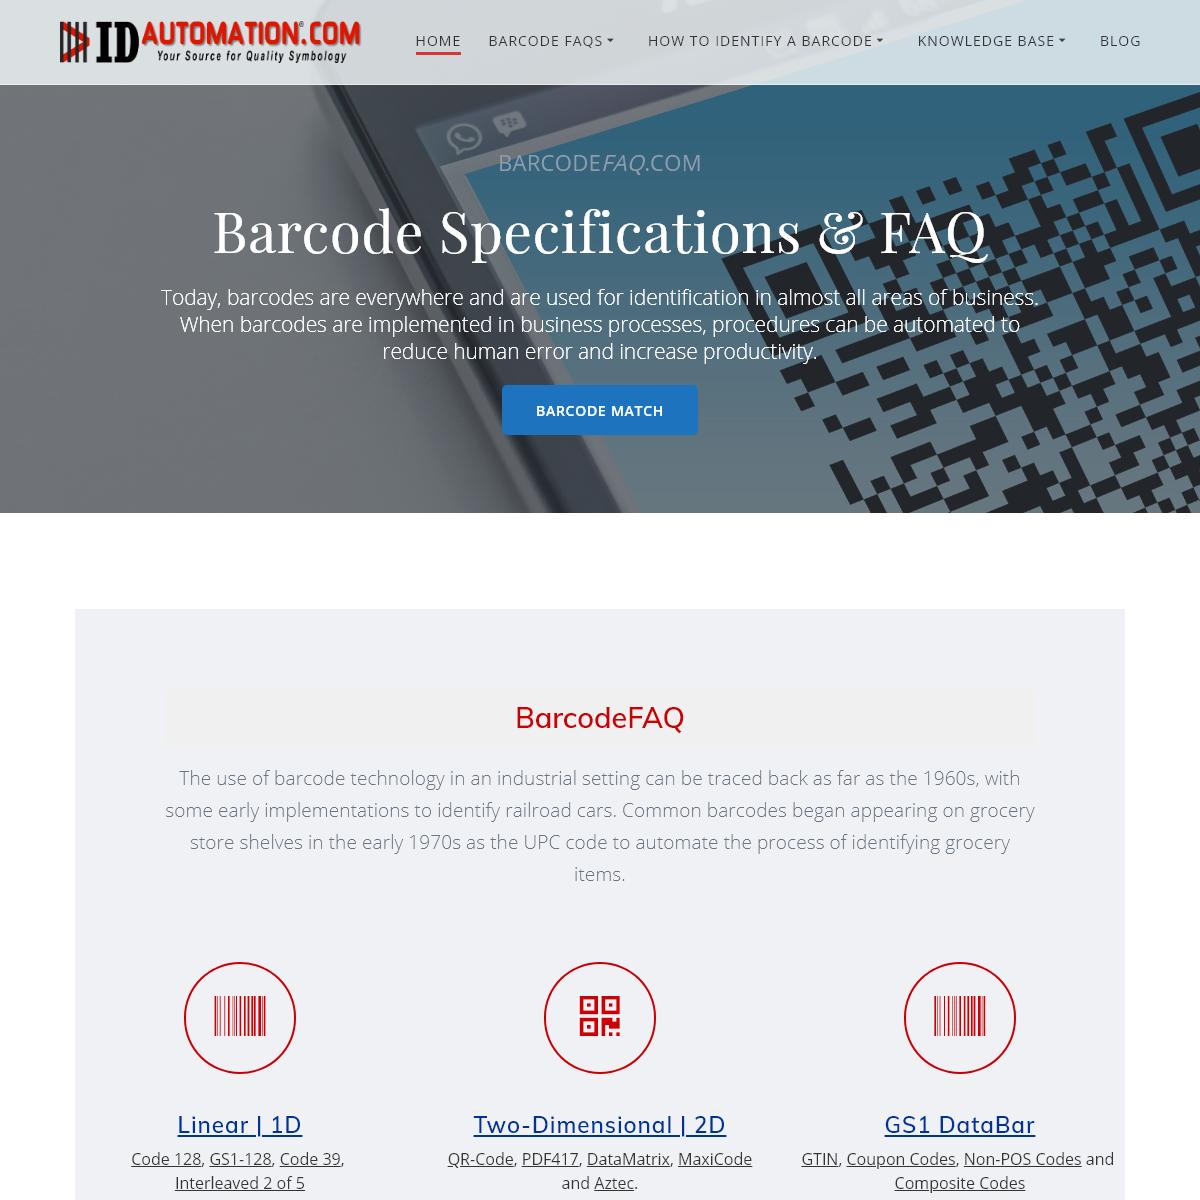 Barcode Tutorials, FAQs & Reference Guides at BarcodeFAQ